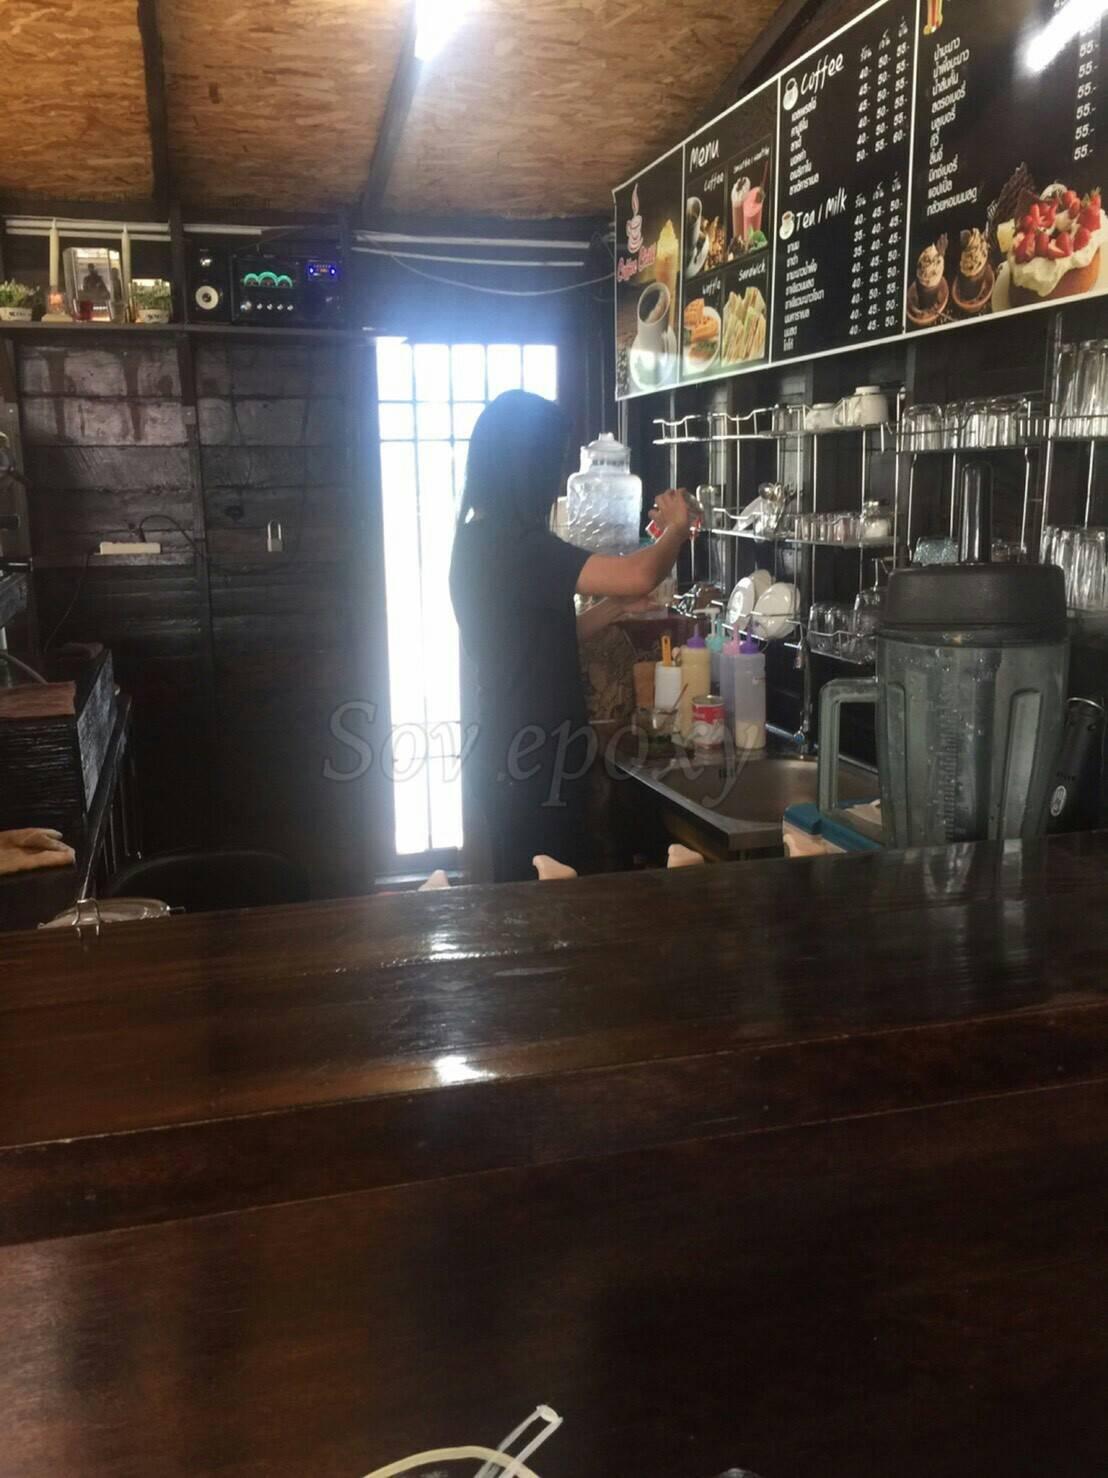 SOV & Coffee Chillเปิดให้บริการแล้วในโซนของ ร้านกาแฟ 6